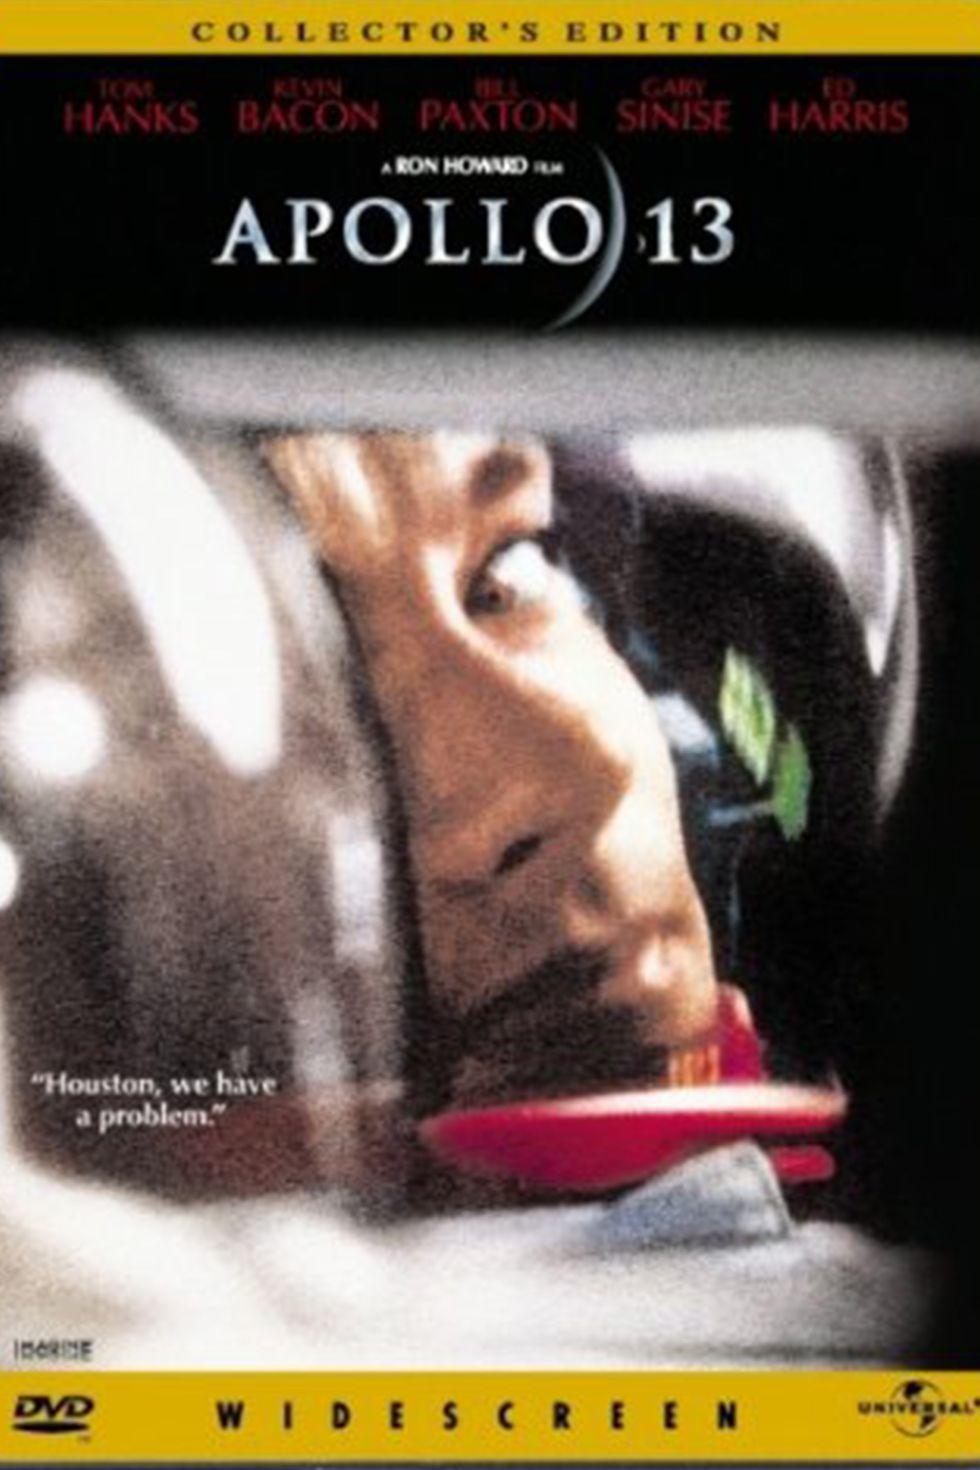 """""""Аполо 13"""" (1995) Филмът """"Аполо 13"""" е за едноименния космически кораб от """"лунната мисия"""" на НАСА през 1970 г., който претърпява авария. Лентата на Рон Хауърд проследява действията на тримата астронавти на борда, които отчаяно се опитват да върнат кораба си в земната орбита, след повреда в единия от кислородните резервоари. И успяват! Наистина уникална история от реалния живот и уникално пресъздаване. Именно от този филм е и легендарната реплика """"Хюстън, имаме проблем!"""", която заживя свой собствен живот. С нея астронавтите докладват на контролния център на НАСА в Тексас, че корабът се е повредил."""